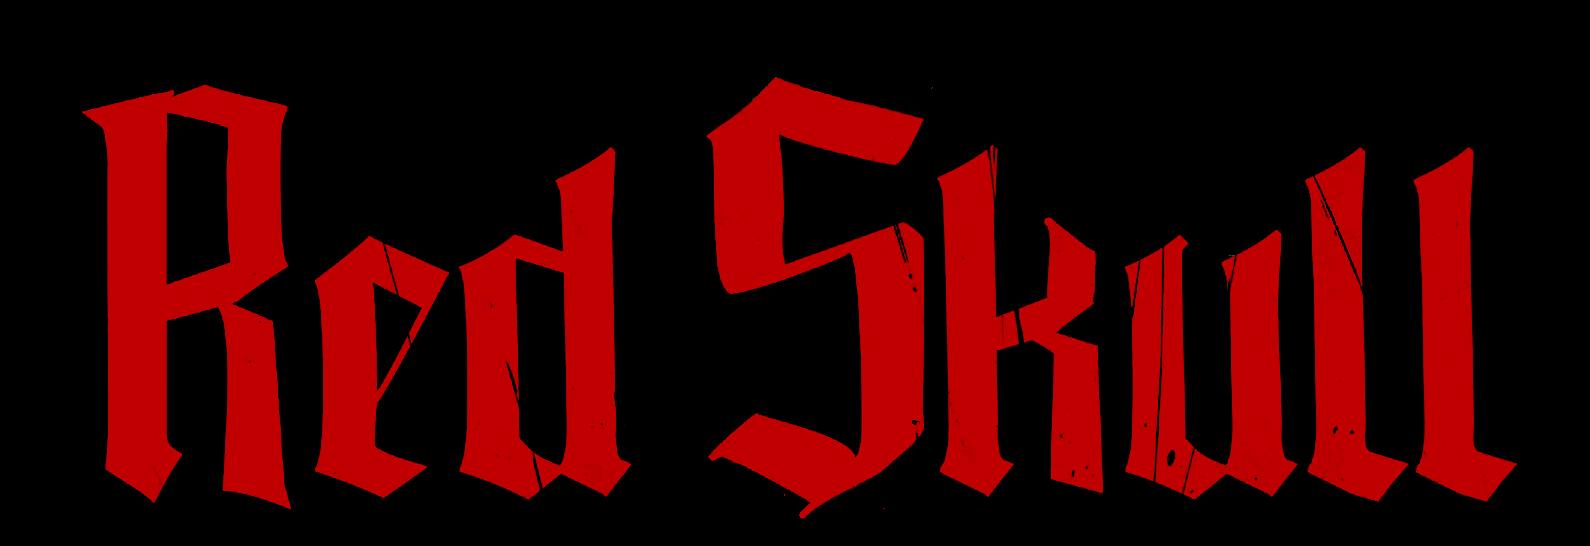 Red Skull Vol 2